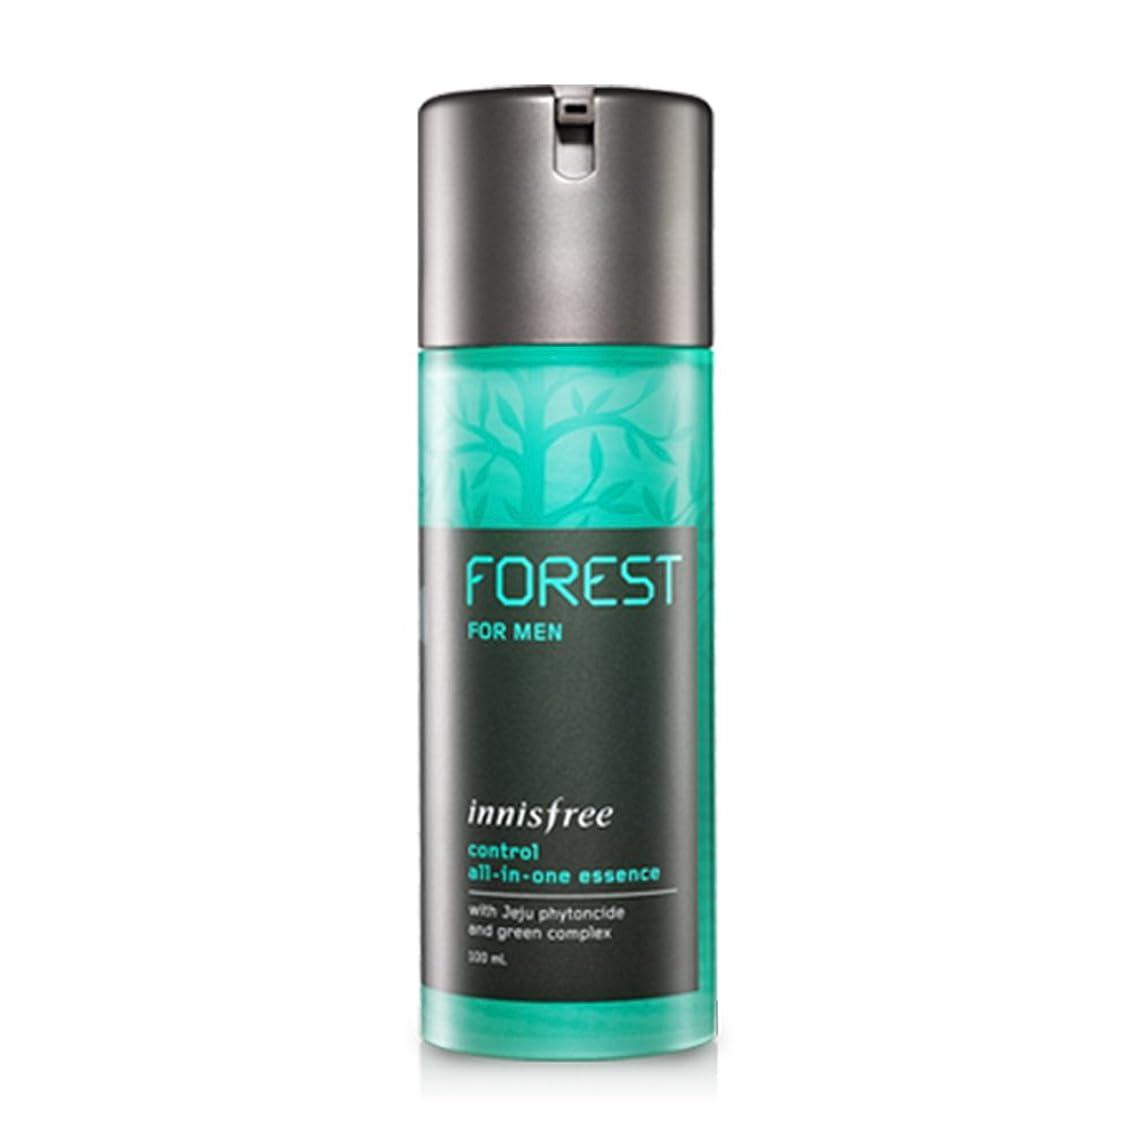 診断するサルベージ申請中【innisfree/イニスフリー] Forest For Men control ALL IN ONE Essence/フォレストメンコントロールオールインワンエッセンス100ml(海外直送品)